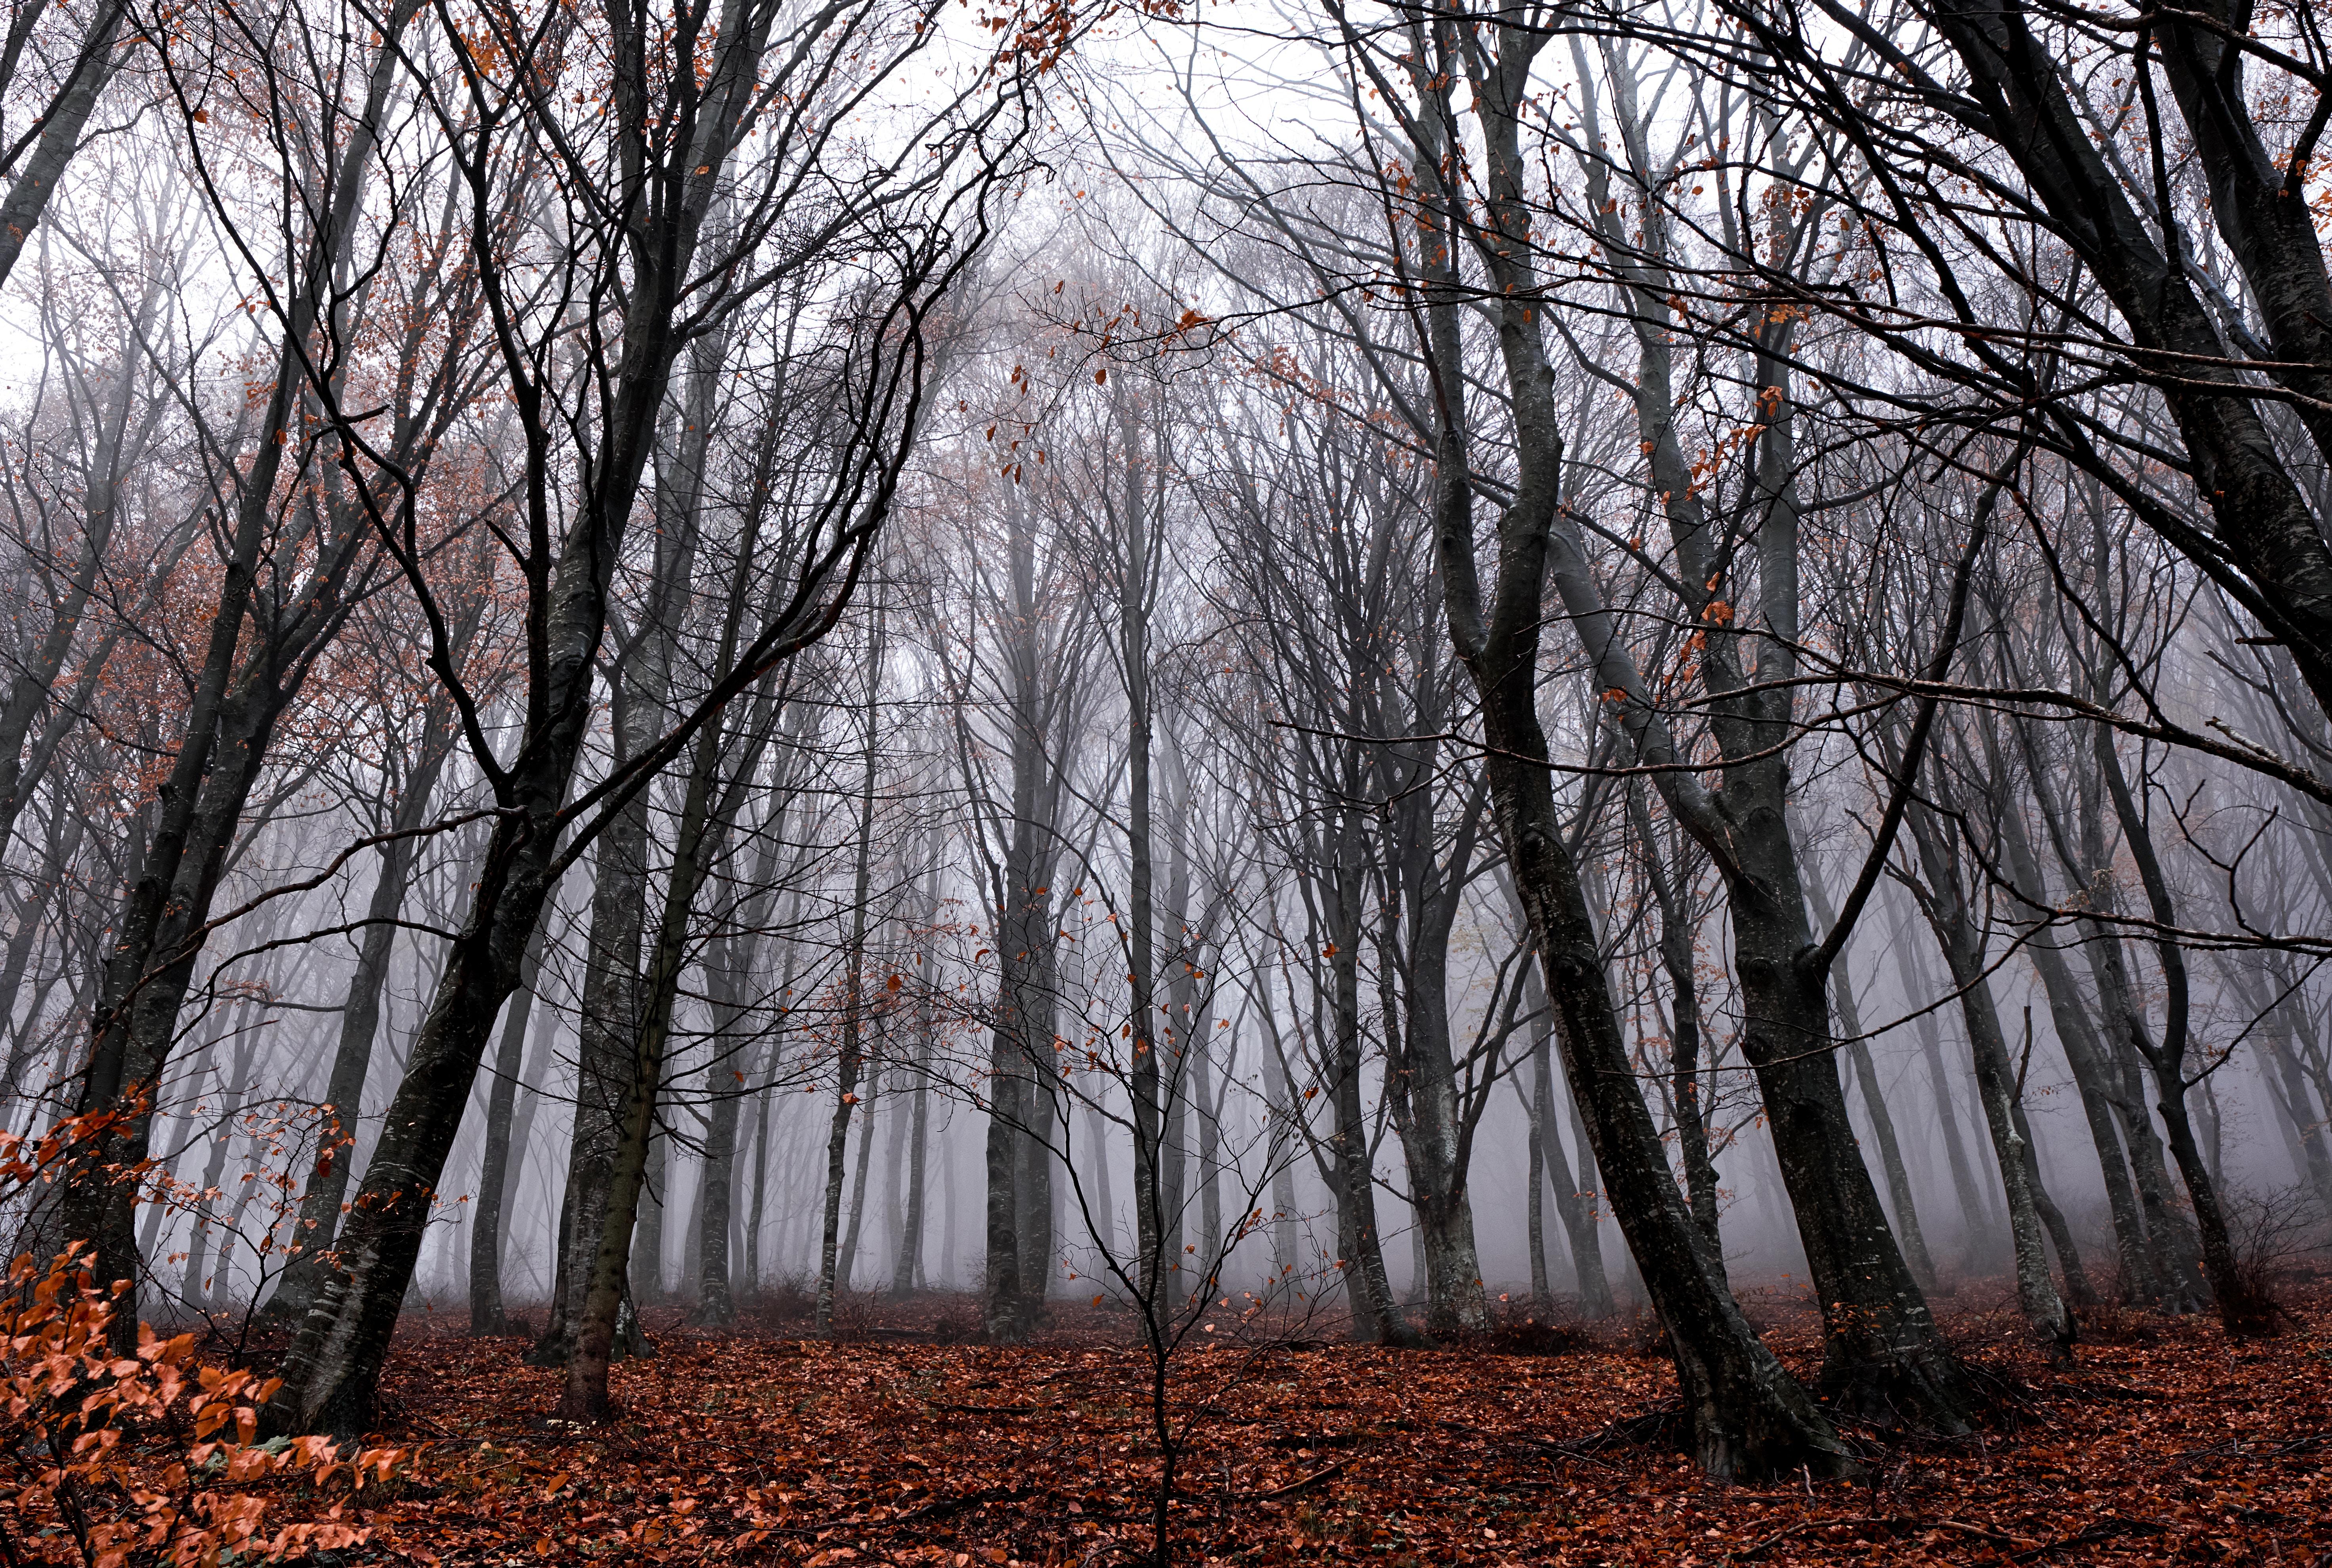 111266 papel de parede 720x1520 em seu telefone gratuitamente, baixe imagens Natureza, Árvores, Outono, Floresta, Névoa, Nevoeiro, Folhagem, Caído 720x1520 em seu celular